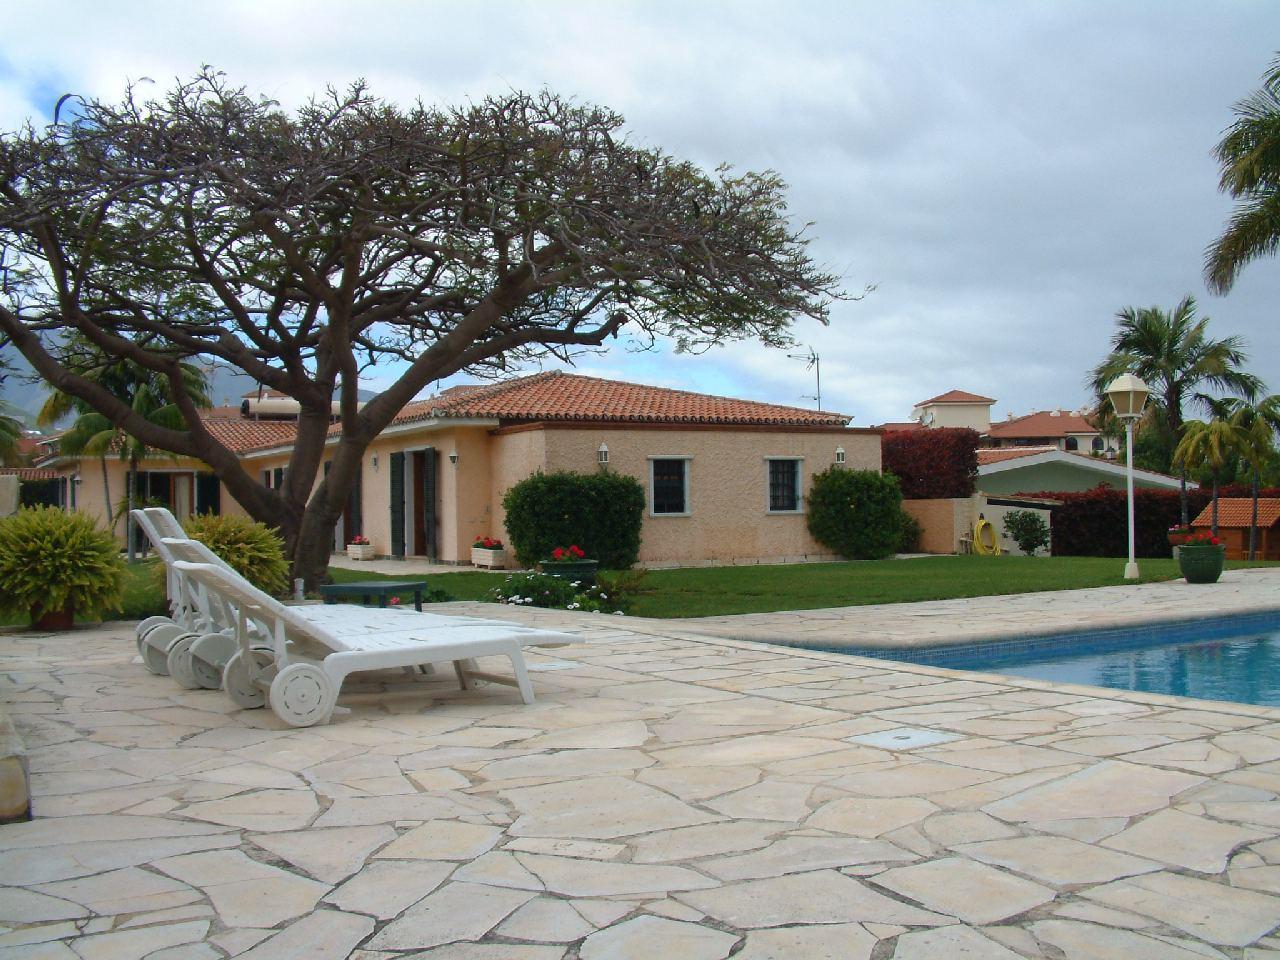 DETACHED HOUSE in PUERTO DE LA CRUZ,  of 433 m²